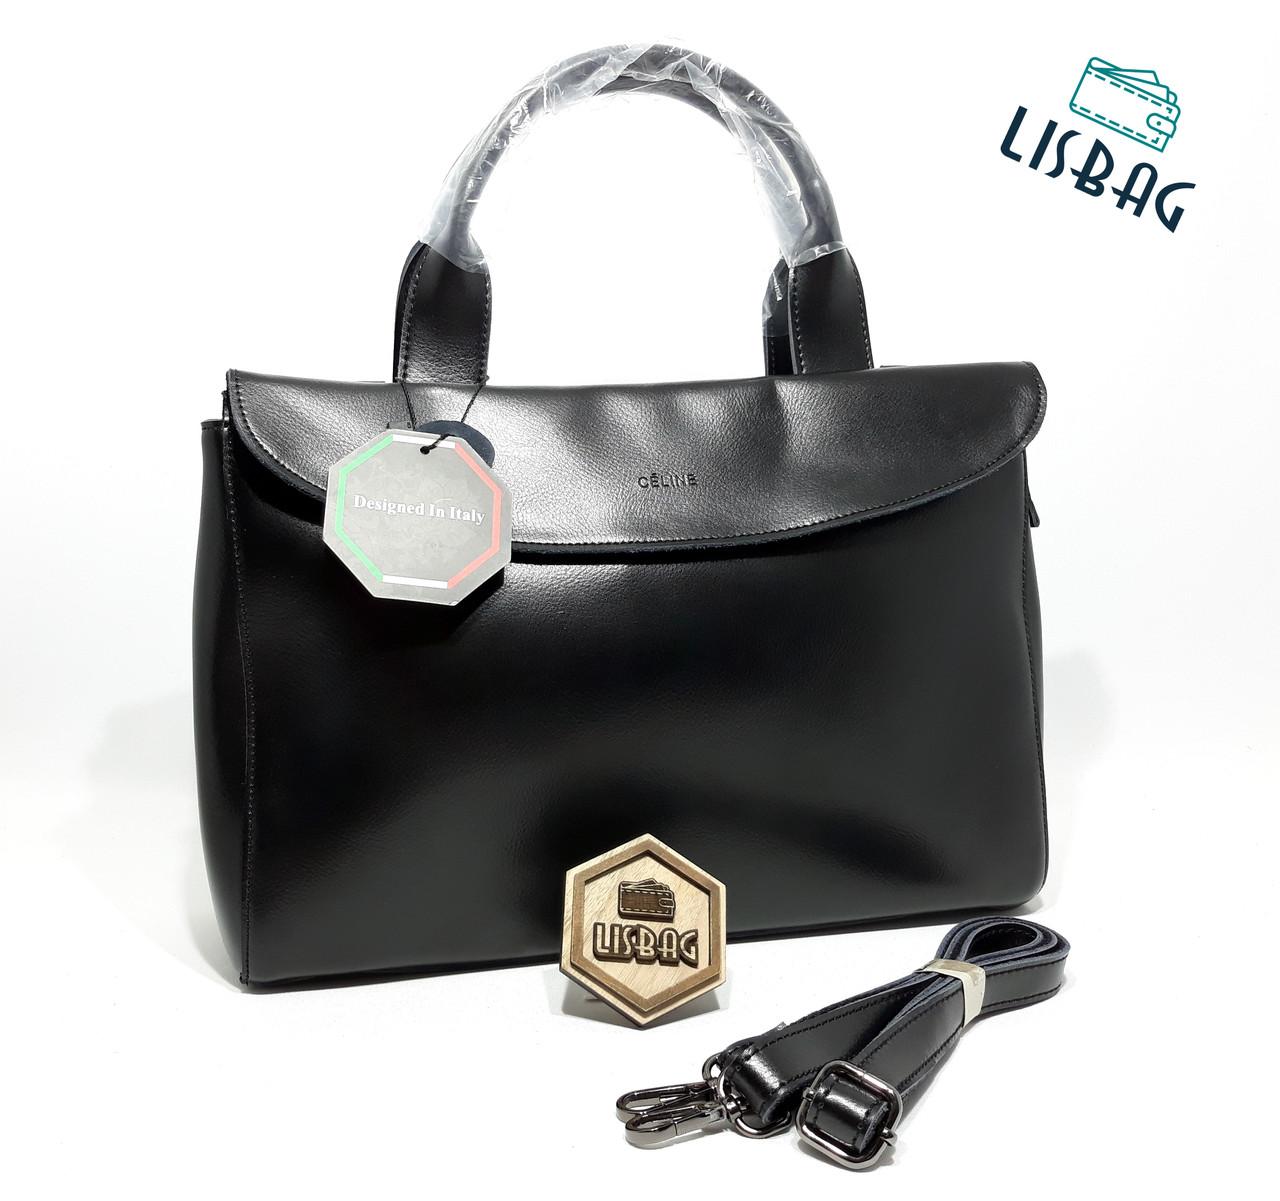 6b90c992c2d0 Большая деловая черная сумка из натуральной кожи CÉLINE для повседневной  носки совместима с файлами и папками